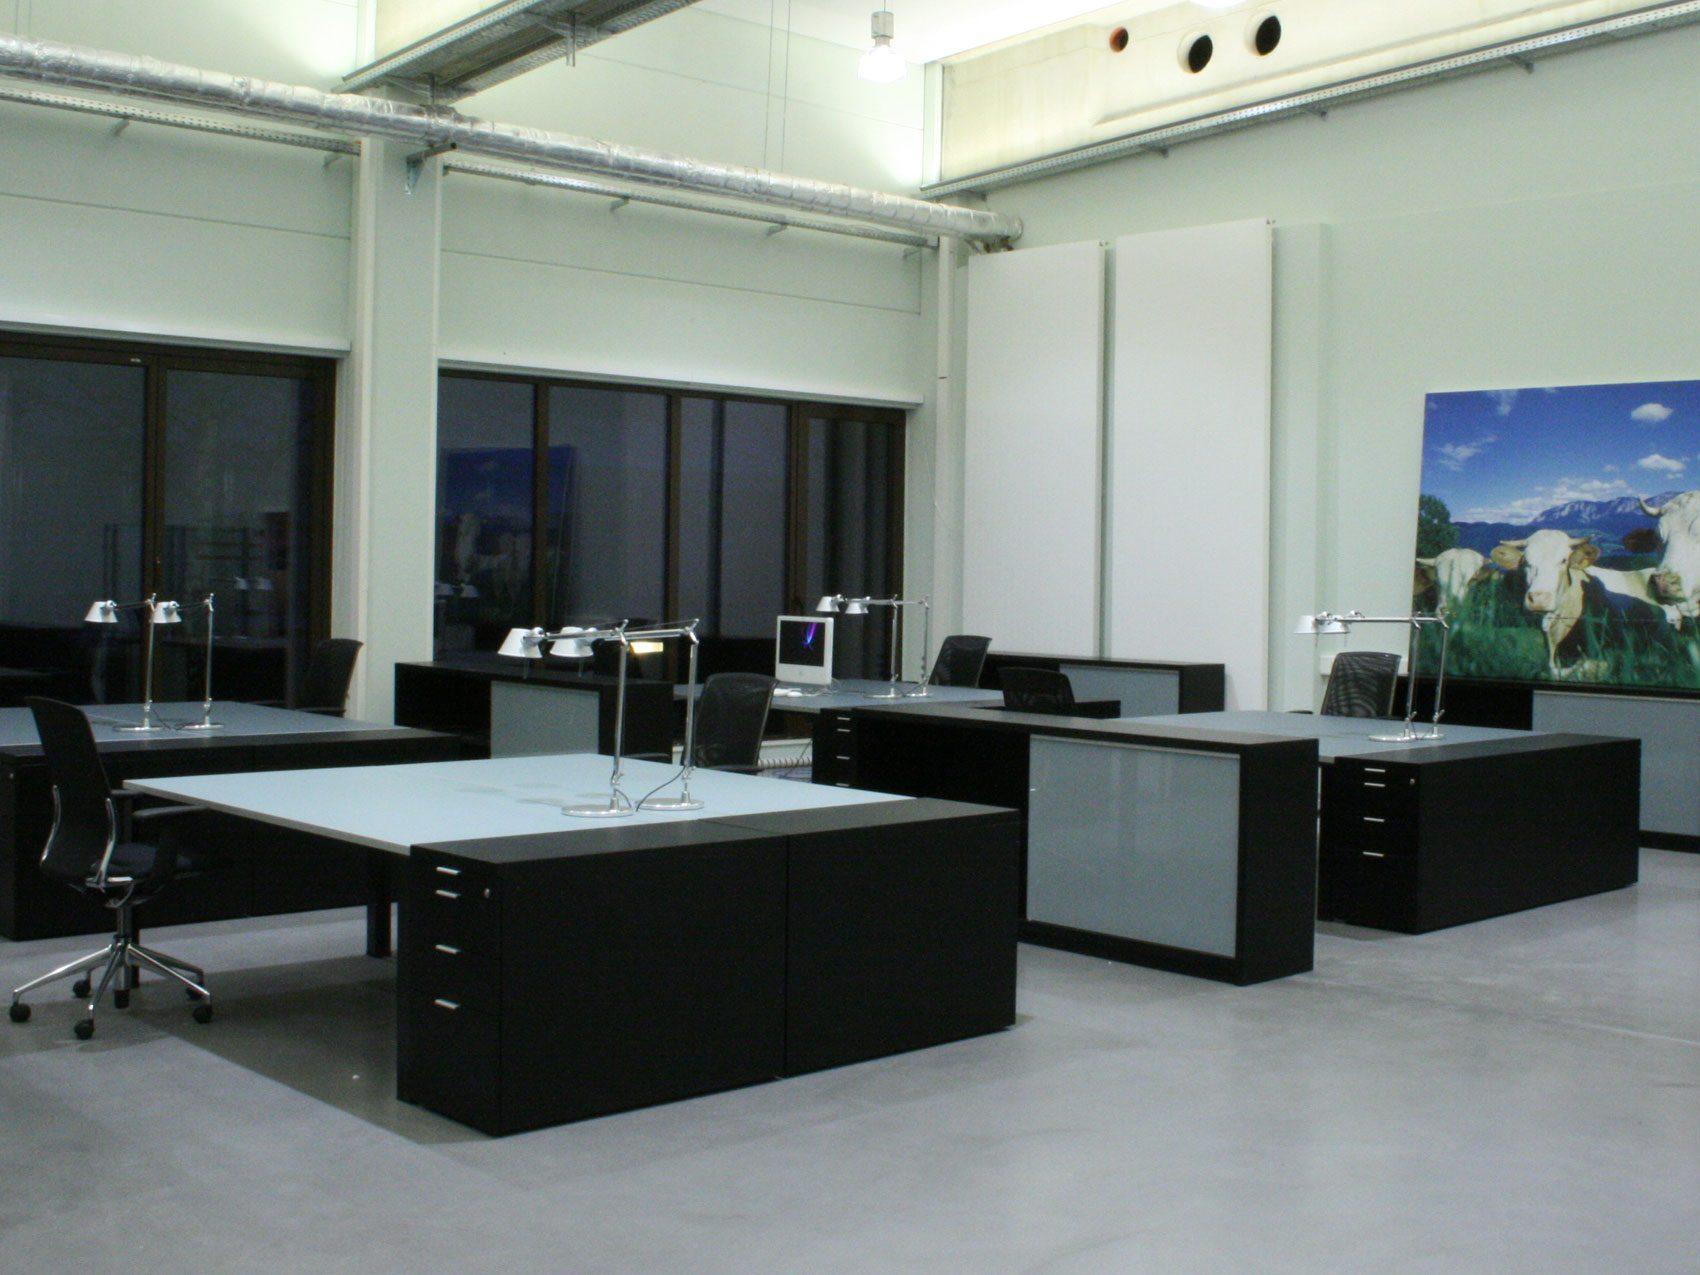 dedon schreibtische 2 detail hamburger m bel. Black Bedroom Furniture Sets. Home Design Ideas